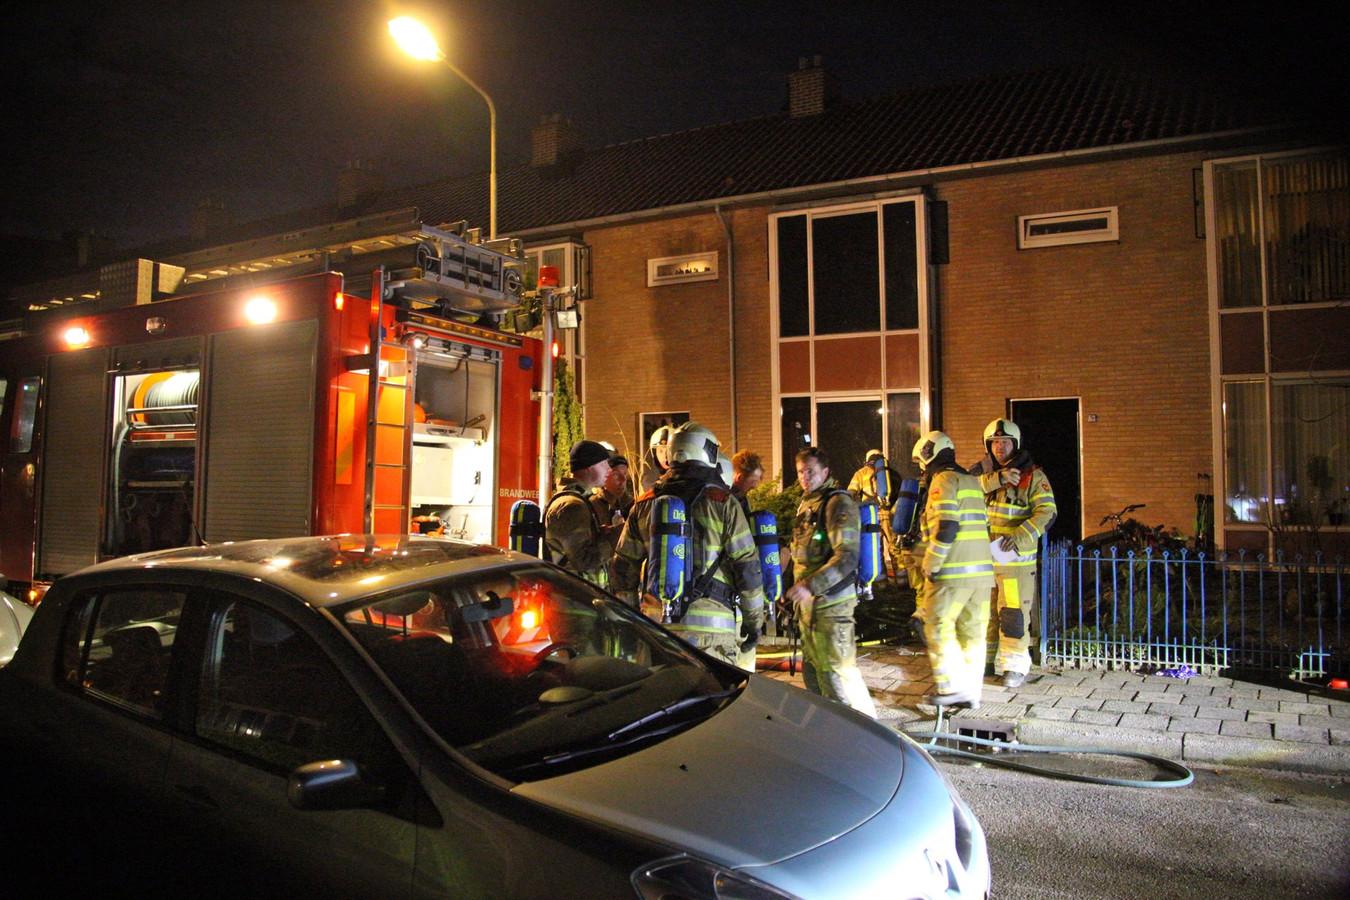 Brandweerlieden zaterdag 14 januari bij een brand in een huis aan de Gounodstraat in Amersfoort.